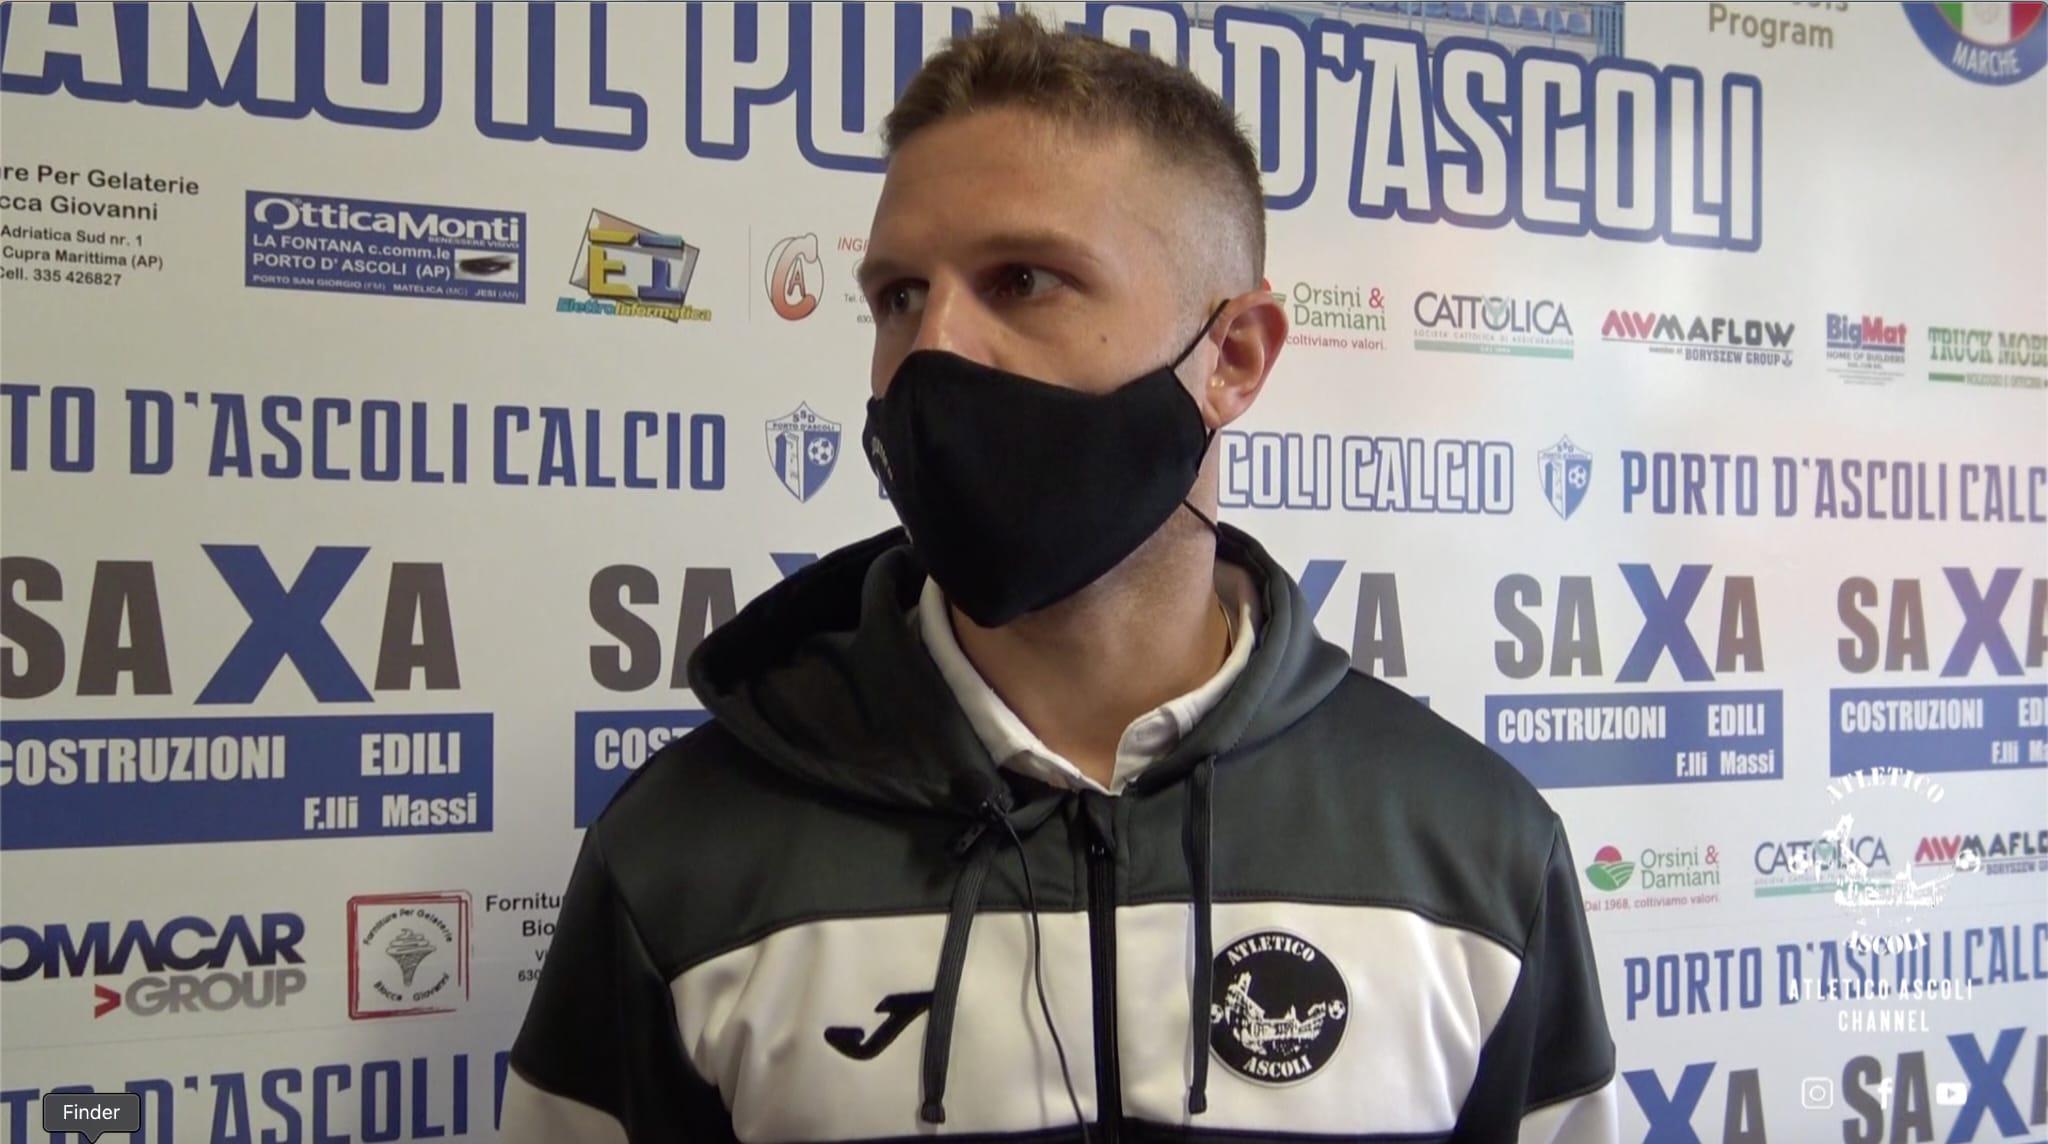 Porto d'Ascoli-Atletico Ascoli 0-1, le voci di Mauro e Jari Iachini post gara